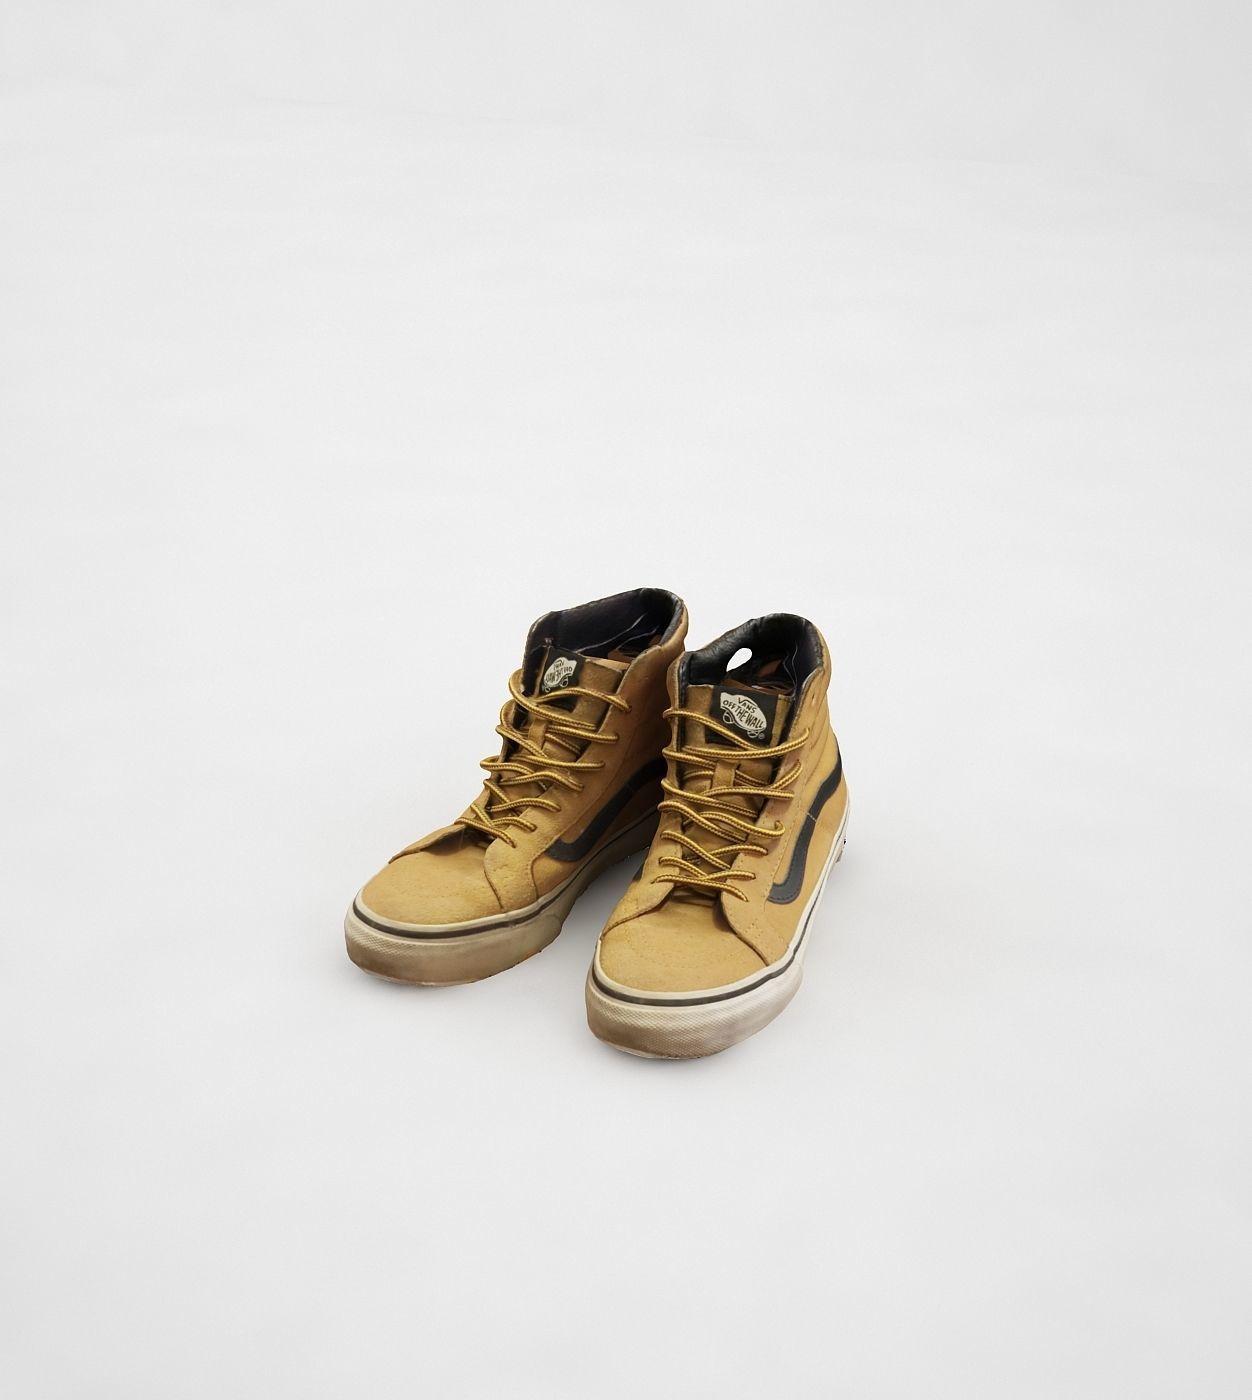 ... sports shoes 3d model max obj mtl stl 2 ... d847abbeb